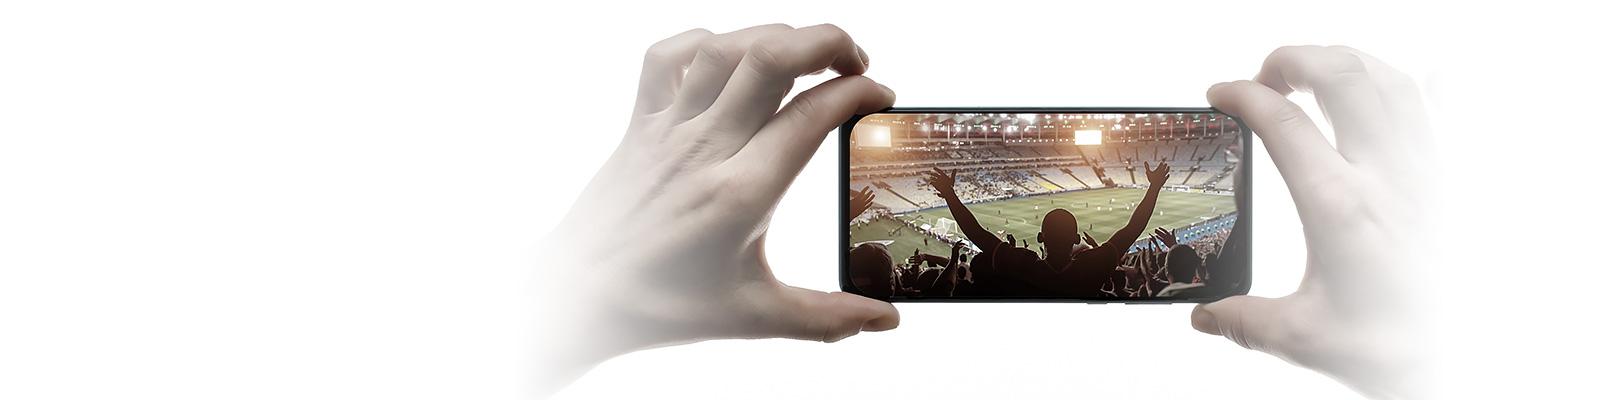 スマートフォン スポーツ 映像 イメージ